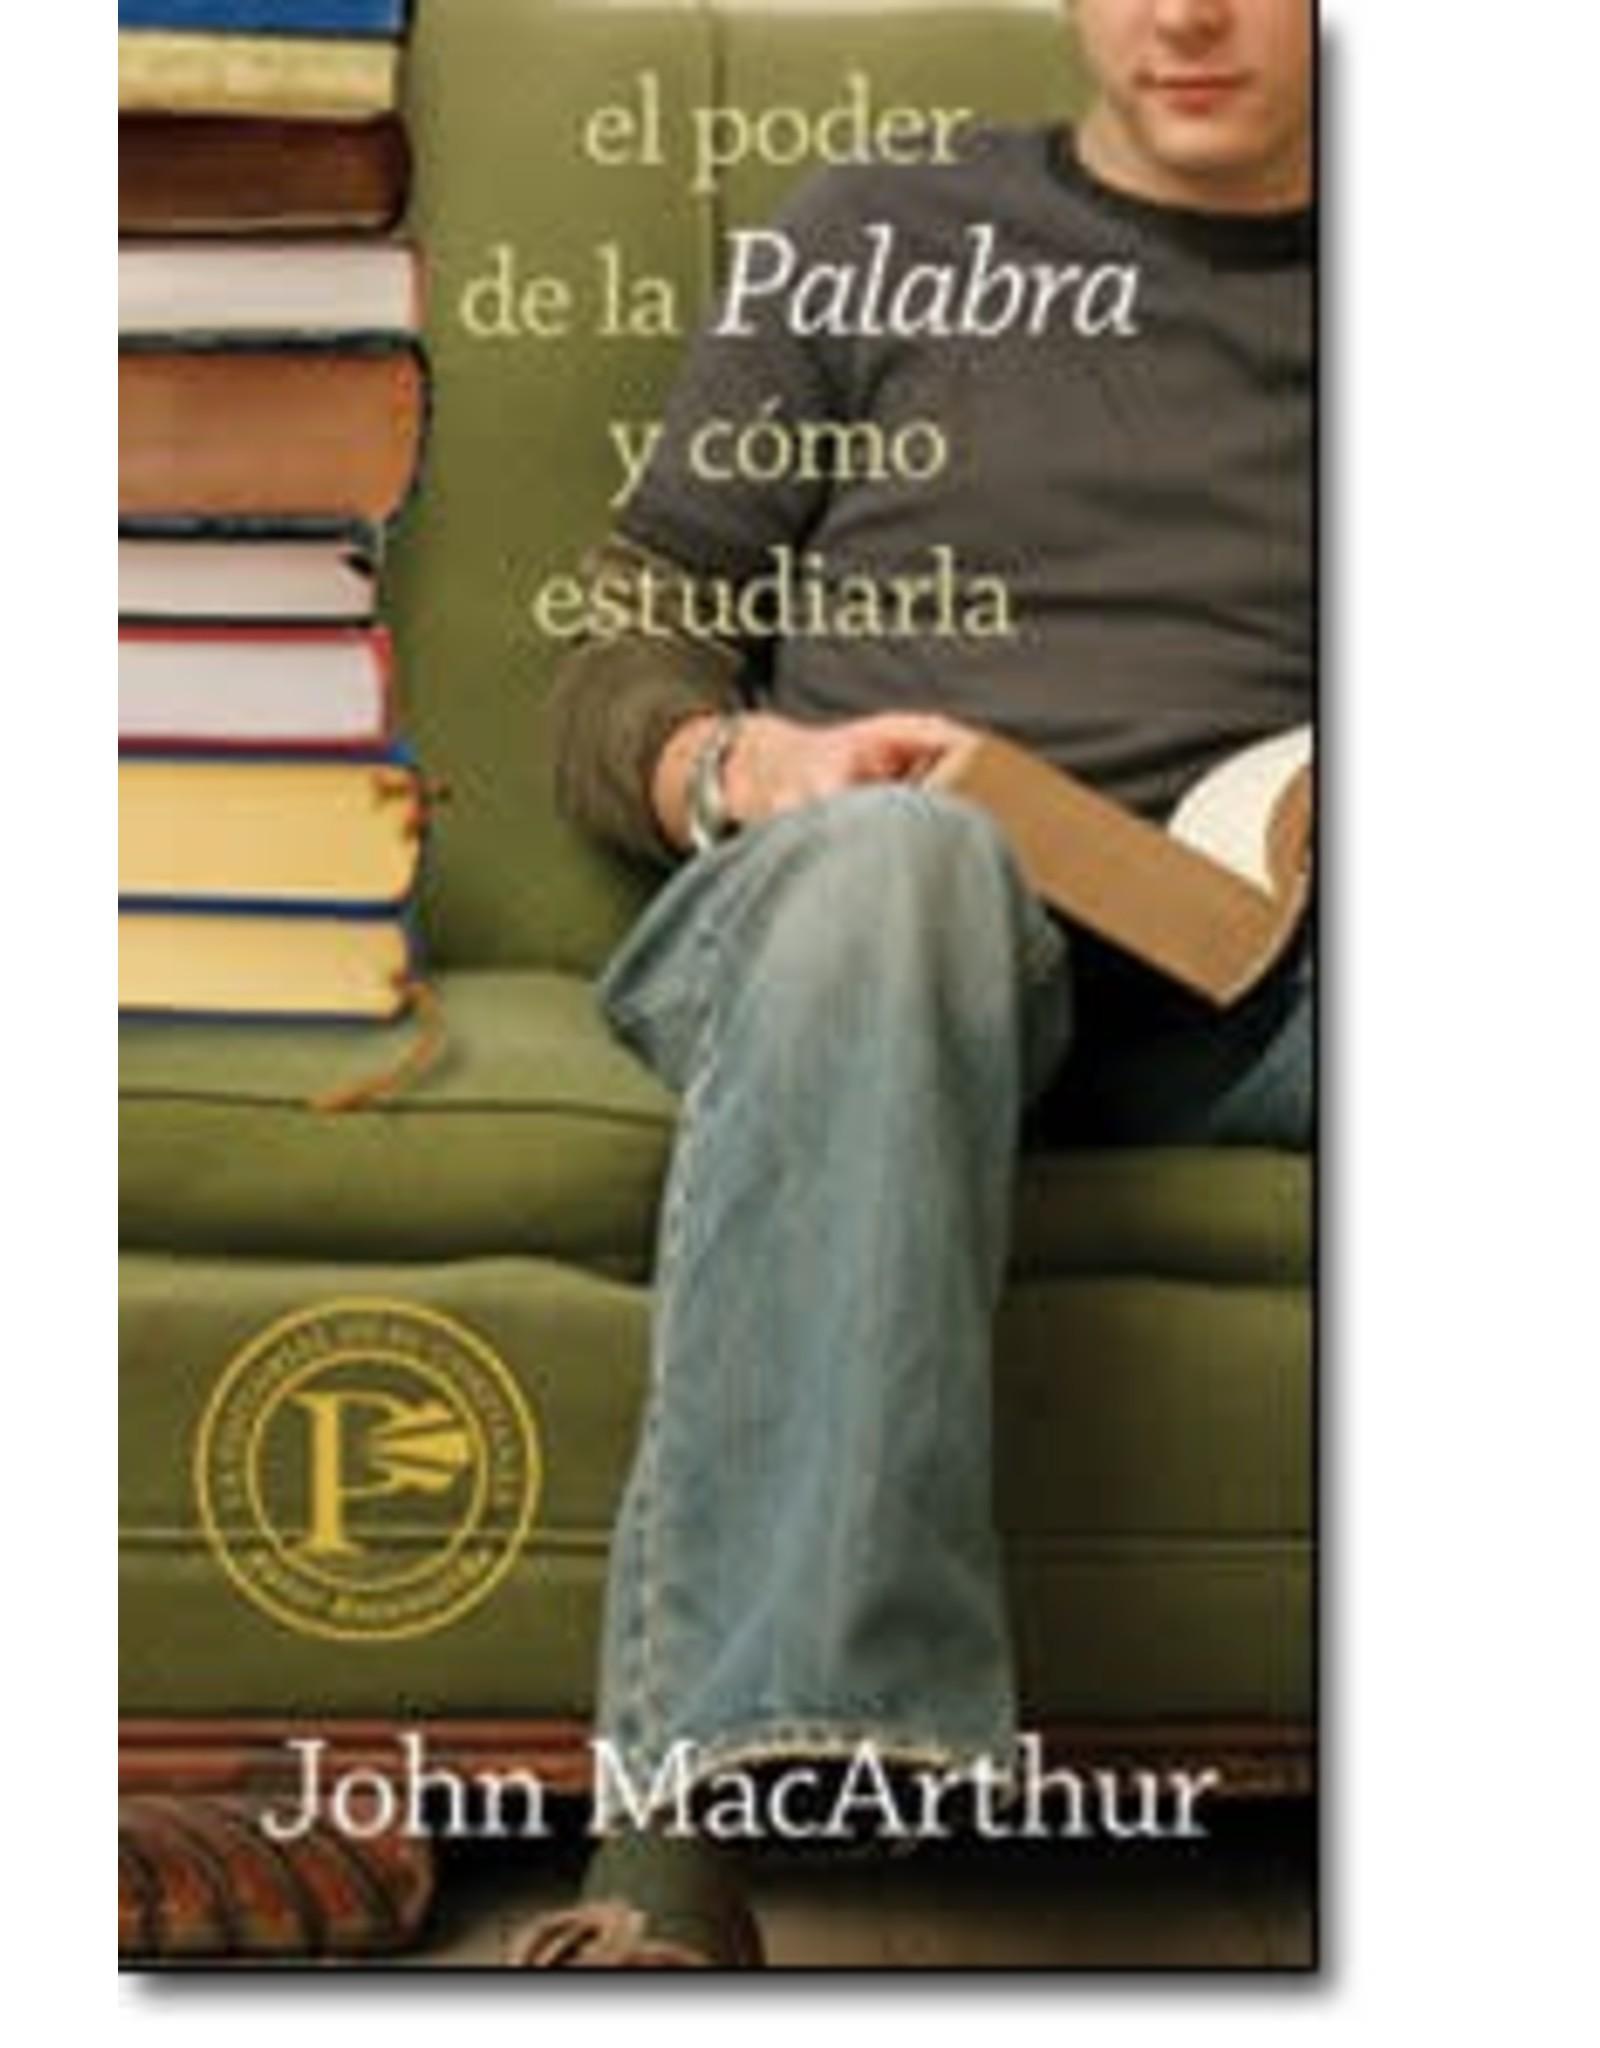 Kregel / Portavoz / Ingram El poder de la Palabra y Como Estudiarla (Spanish - How to Study the Bible)